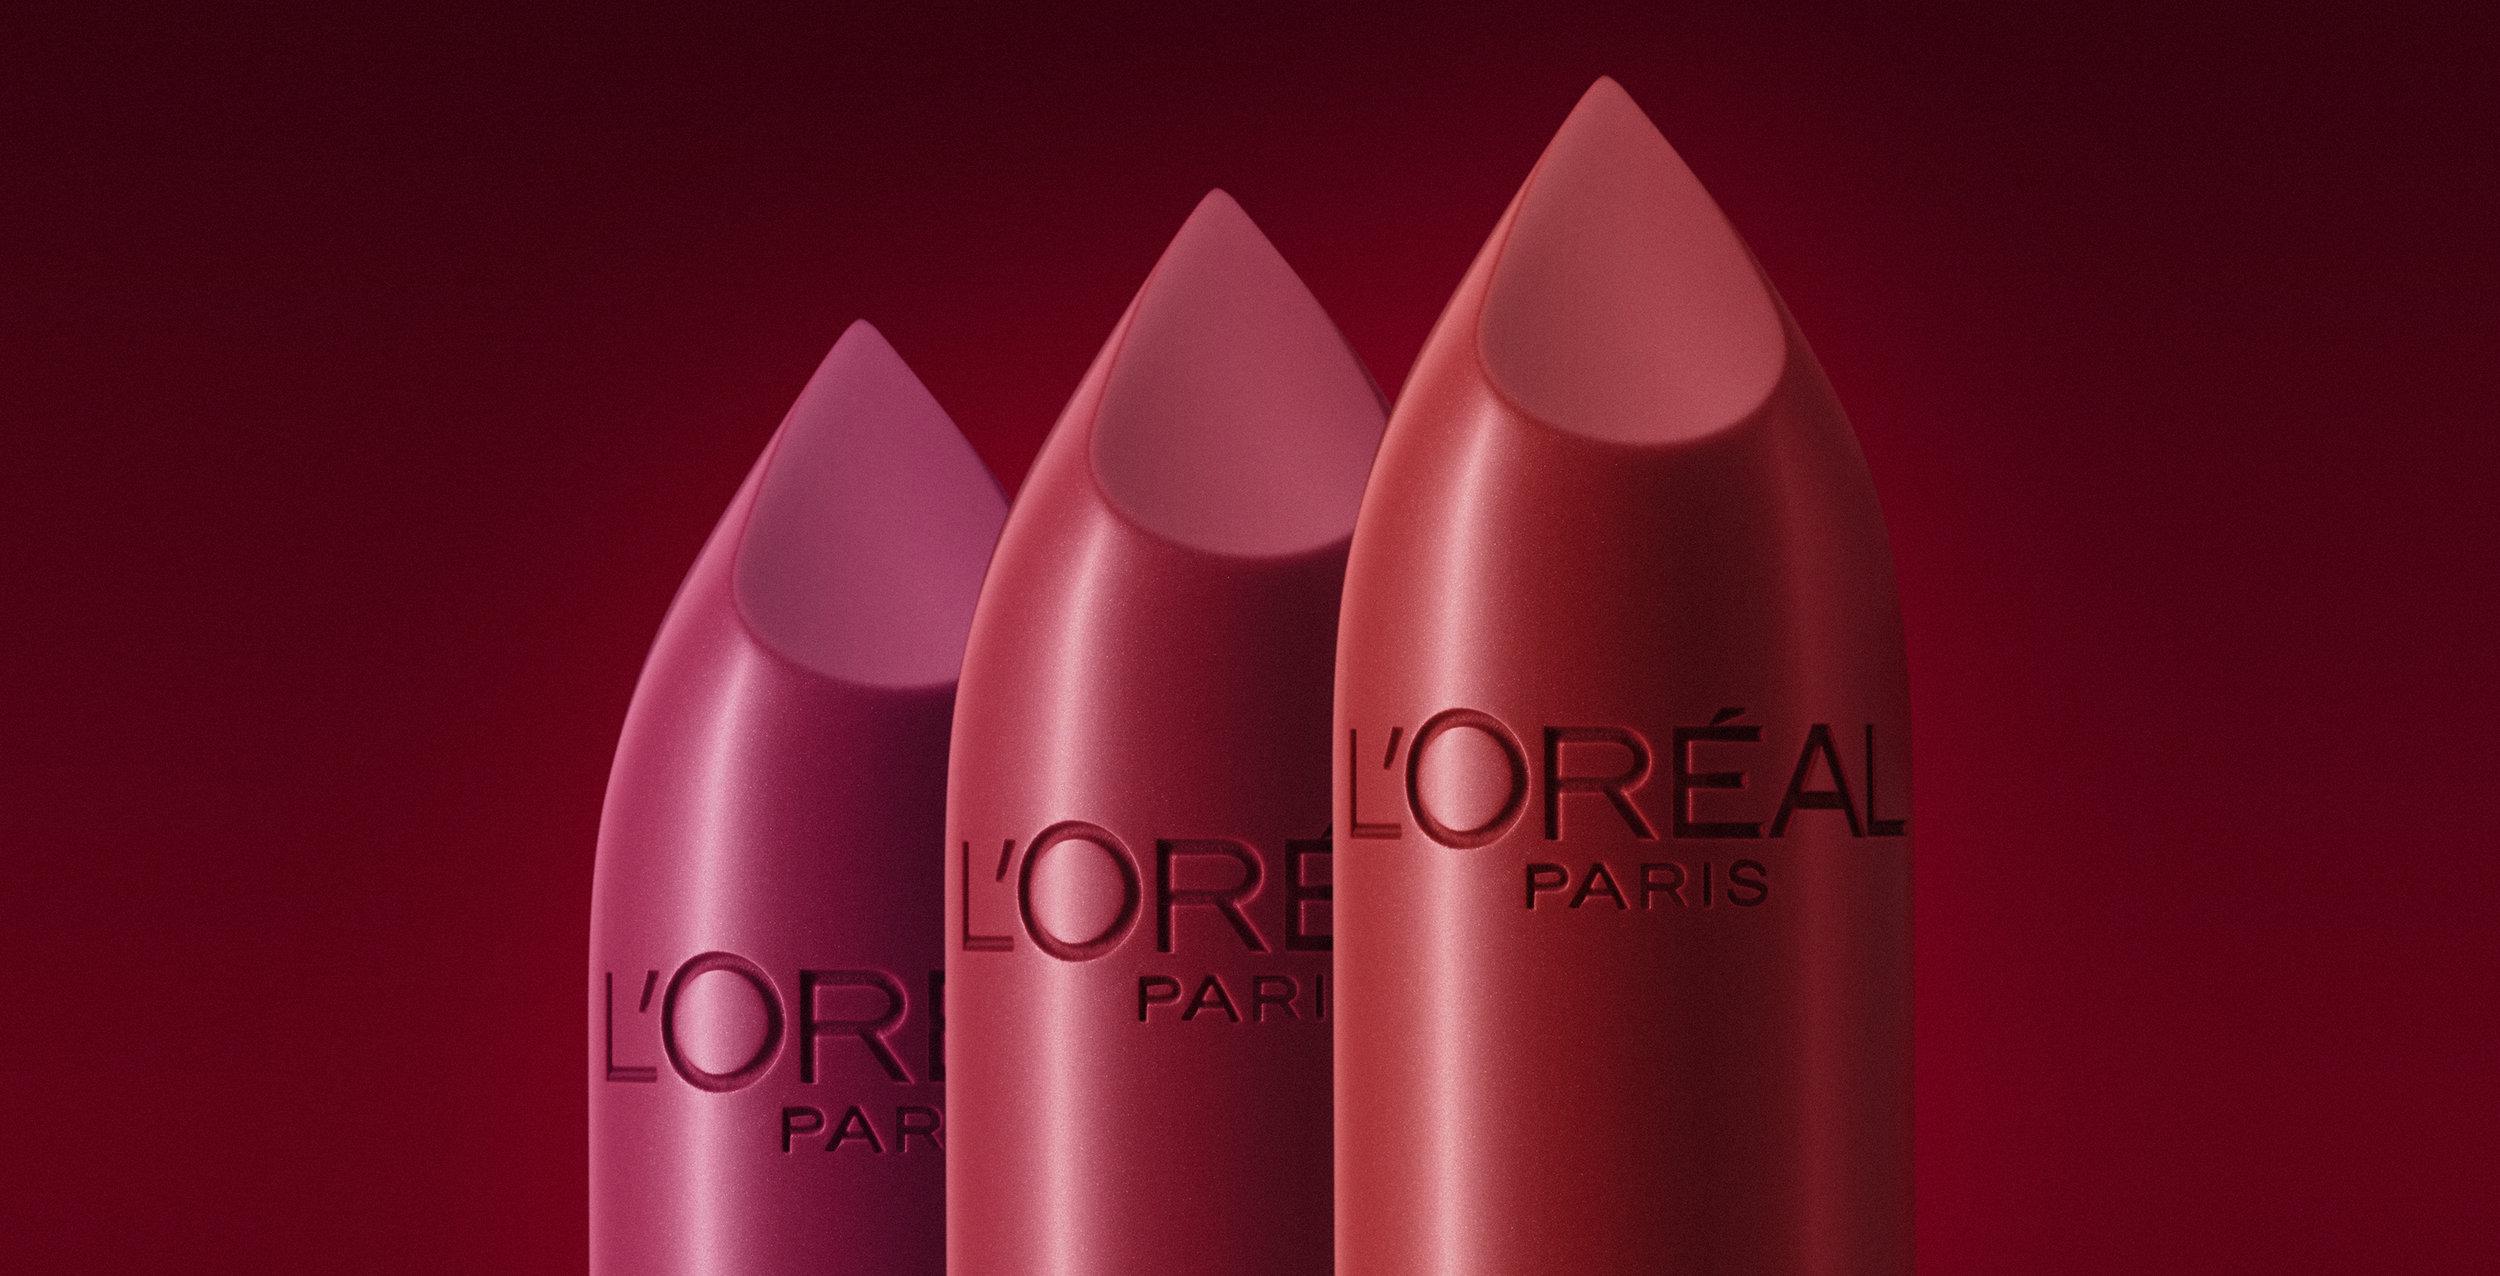 L'Oréal Paris Lipstick Cosmetic Photography - Lux Studio